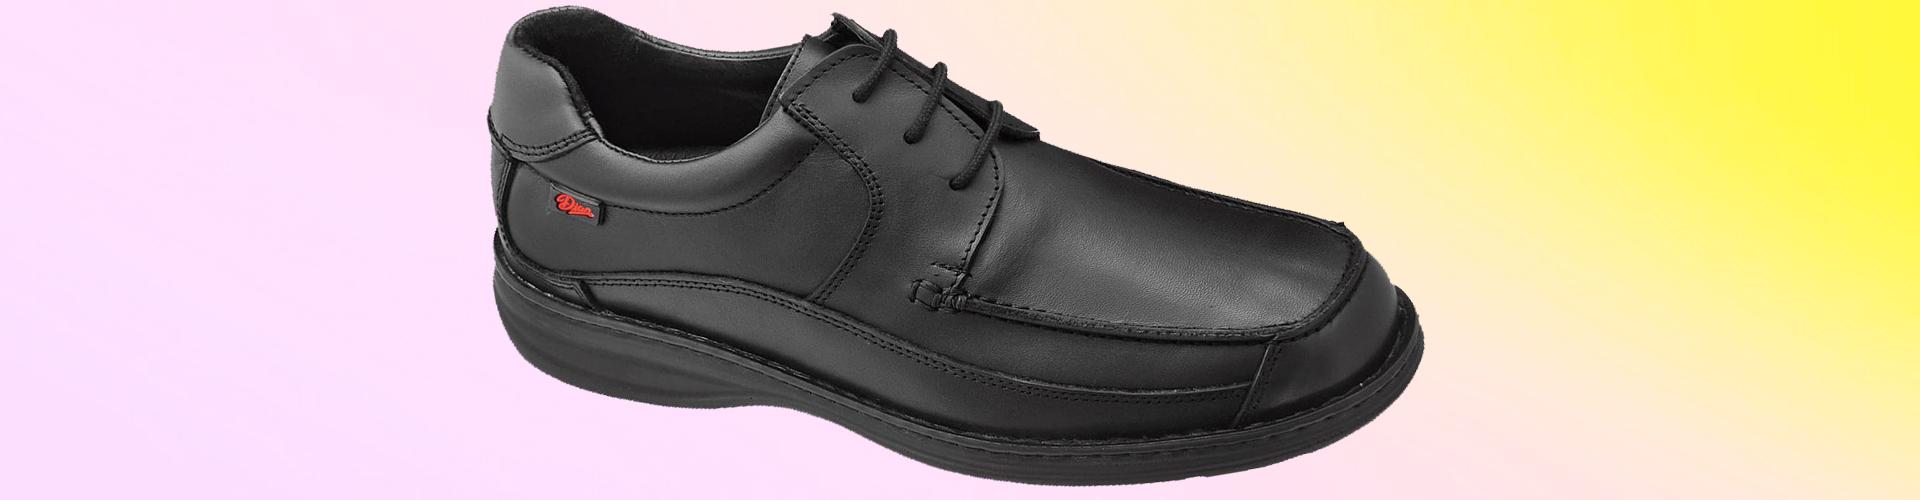 zapato-vestir-talla-grande